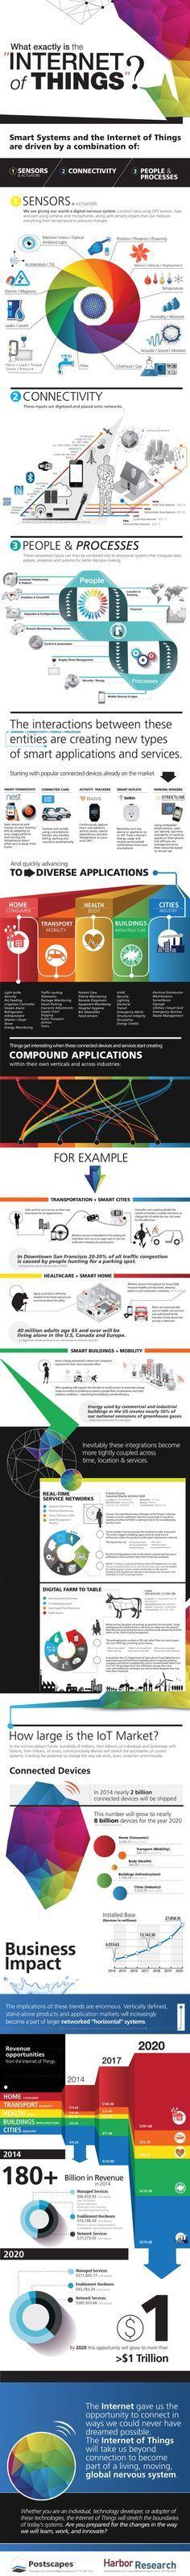 Una completísima infografía sobre lo que es el #InternetDeLasCosas Muy muy muy completa e ilustrativa More Infos @ http://www.ch-tech.ch